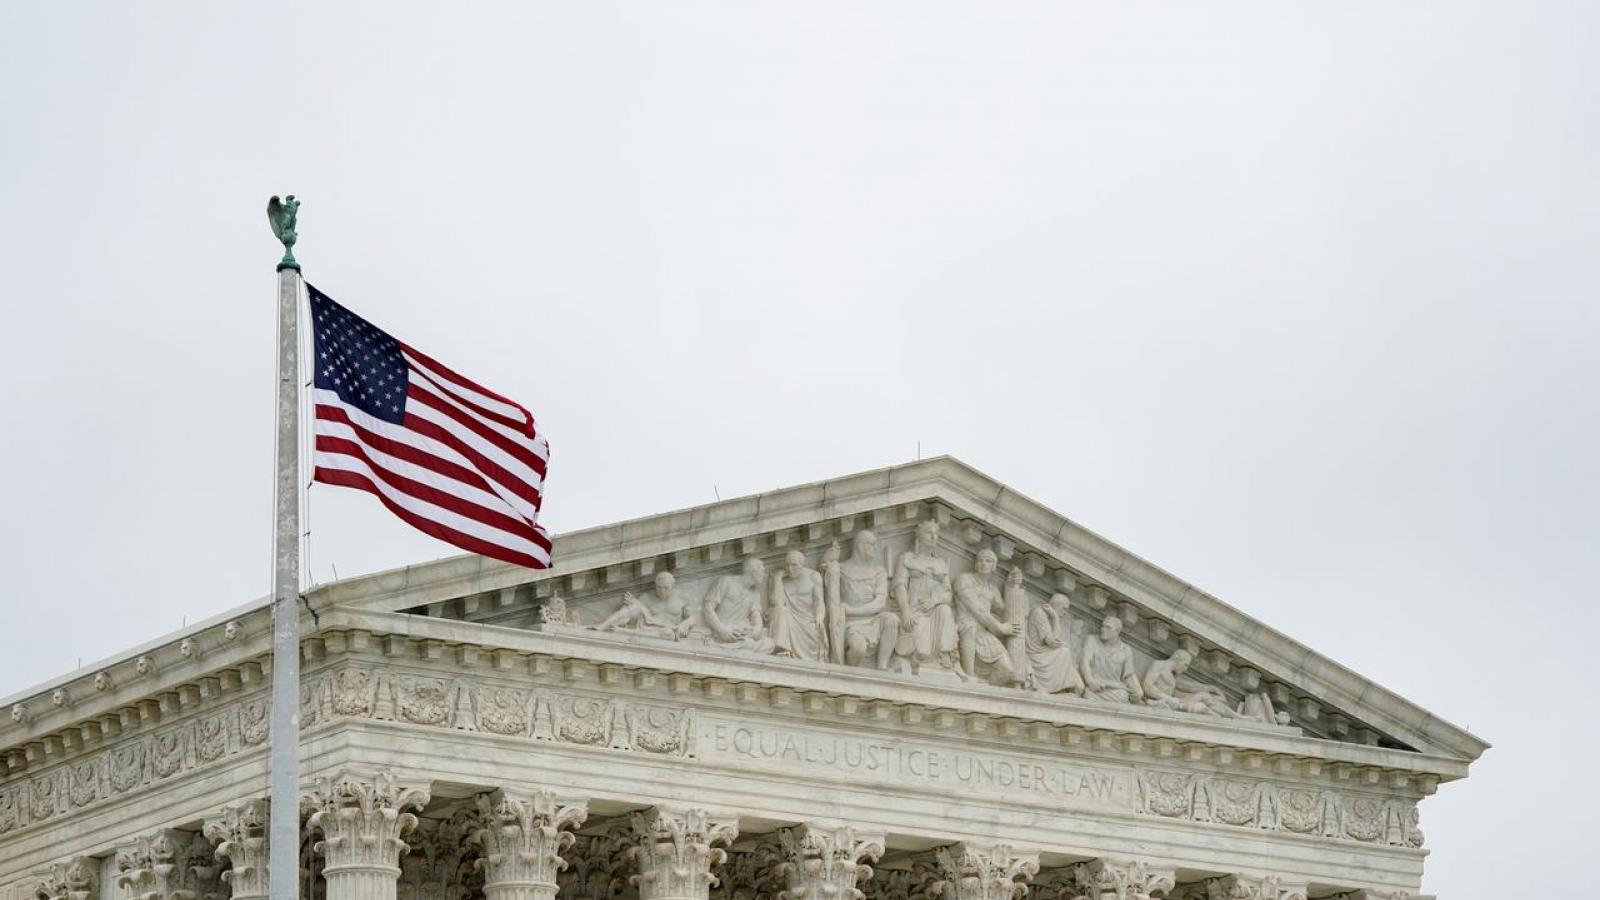 Tòa án Tối cao Mỹ xem xét vụ kiện của đảng Cộng hòa nhằm chấm dứt Obamacare